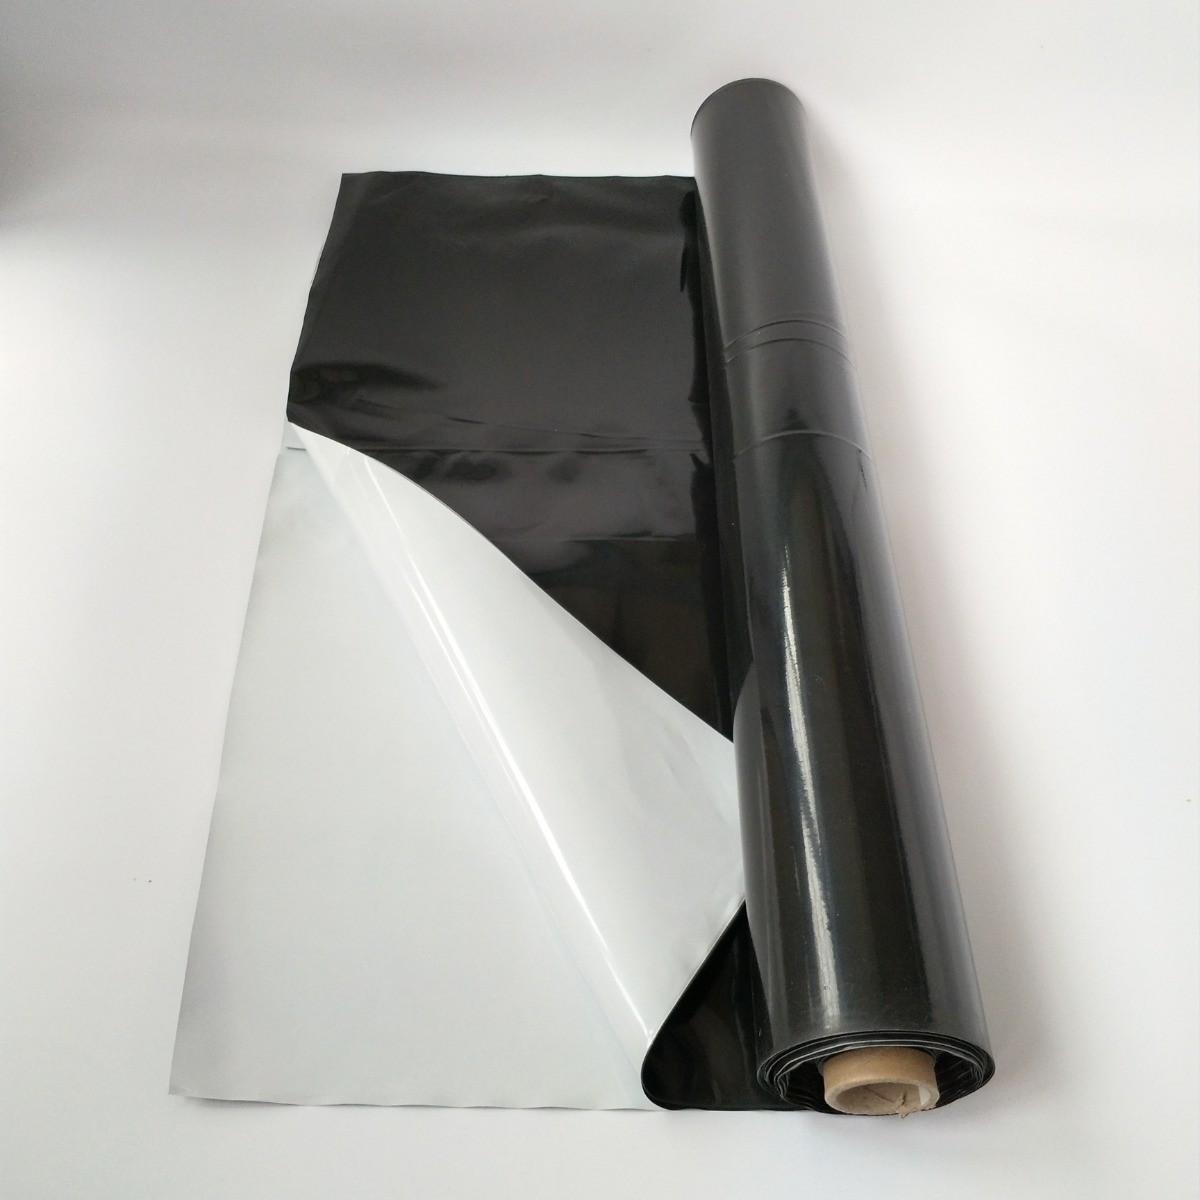 Lona Silagem Nortene Branca/Preta 72kg - 6x81m